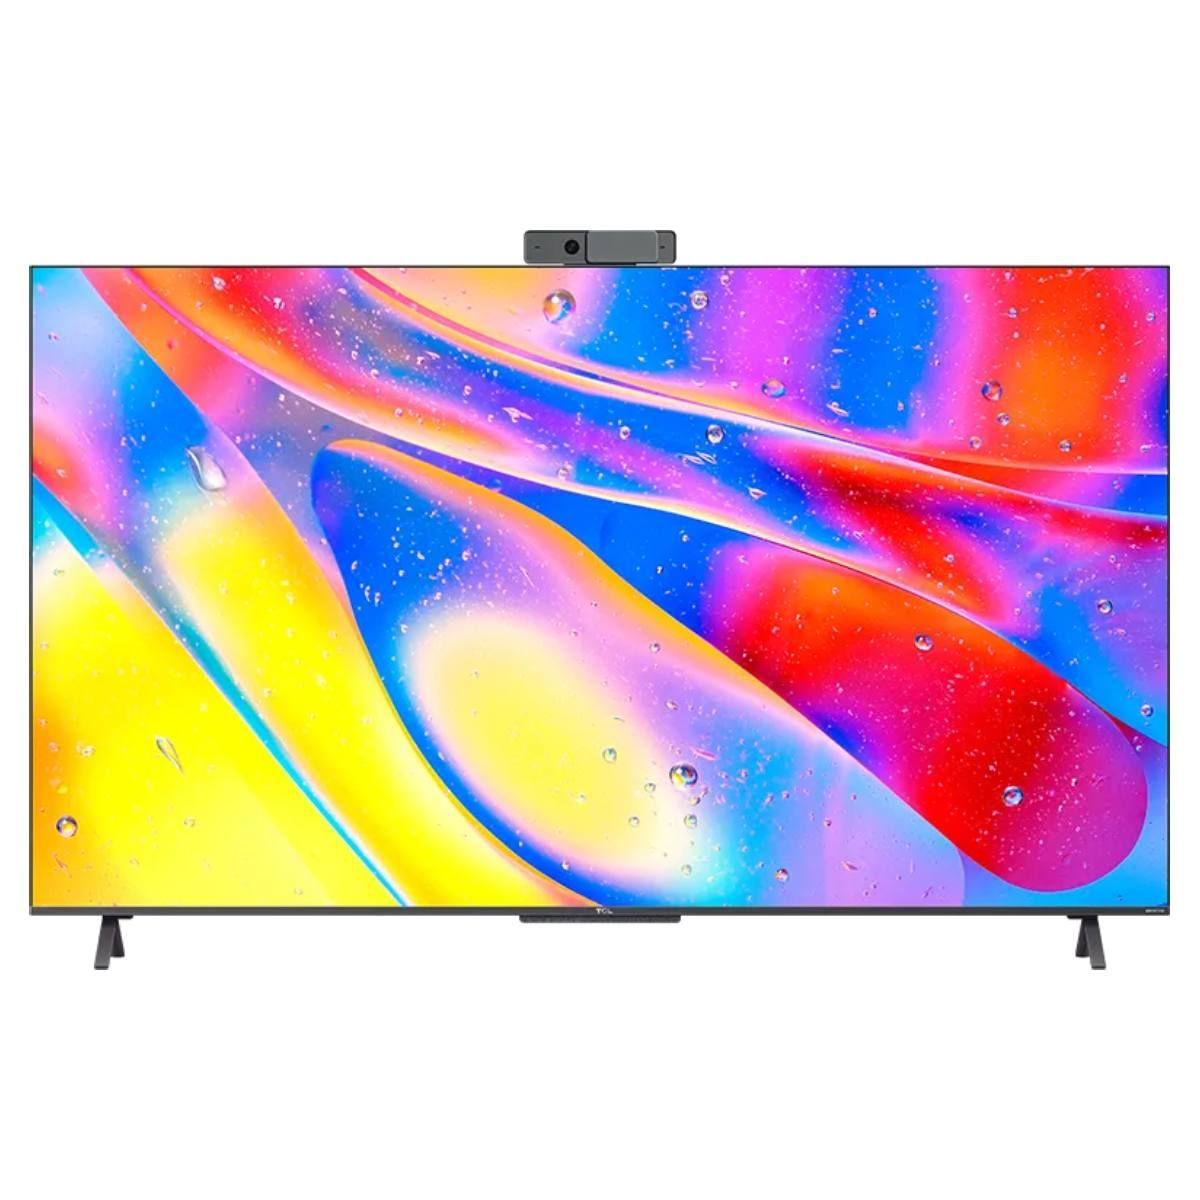 ಟಿಸಿಎಲ್ ವೀಡಿಯೊ Call C725 50-Inch 4K QLED TV